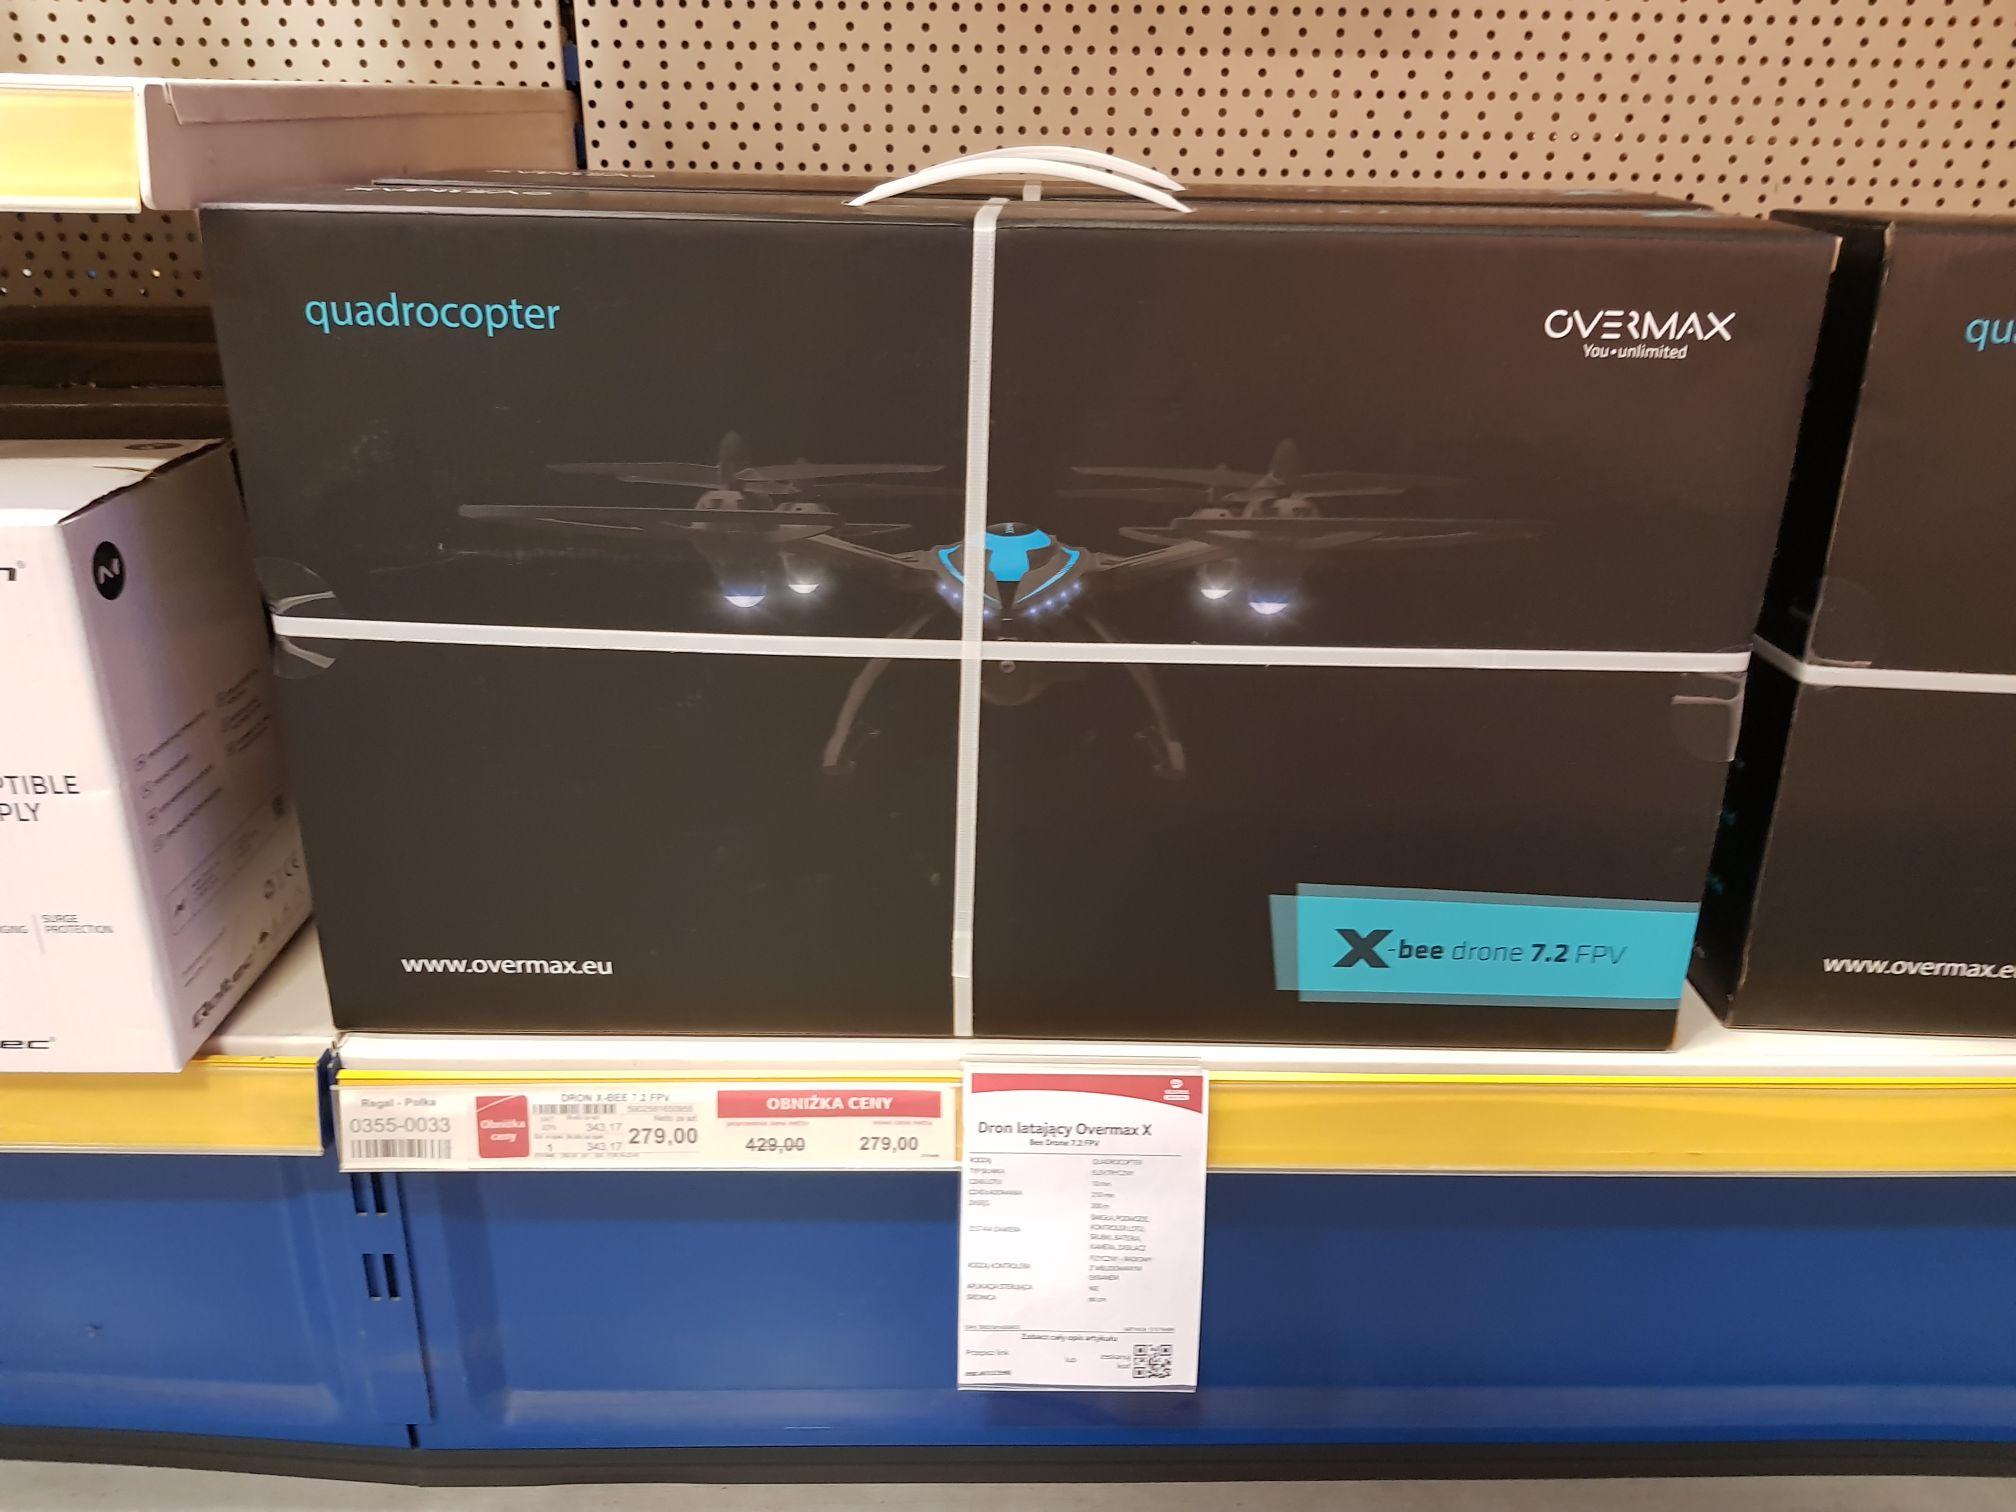 Dron Overmax X-Bee Drone 7,2 FPV w Selgrosie za 343,17 zł